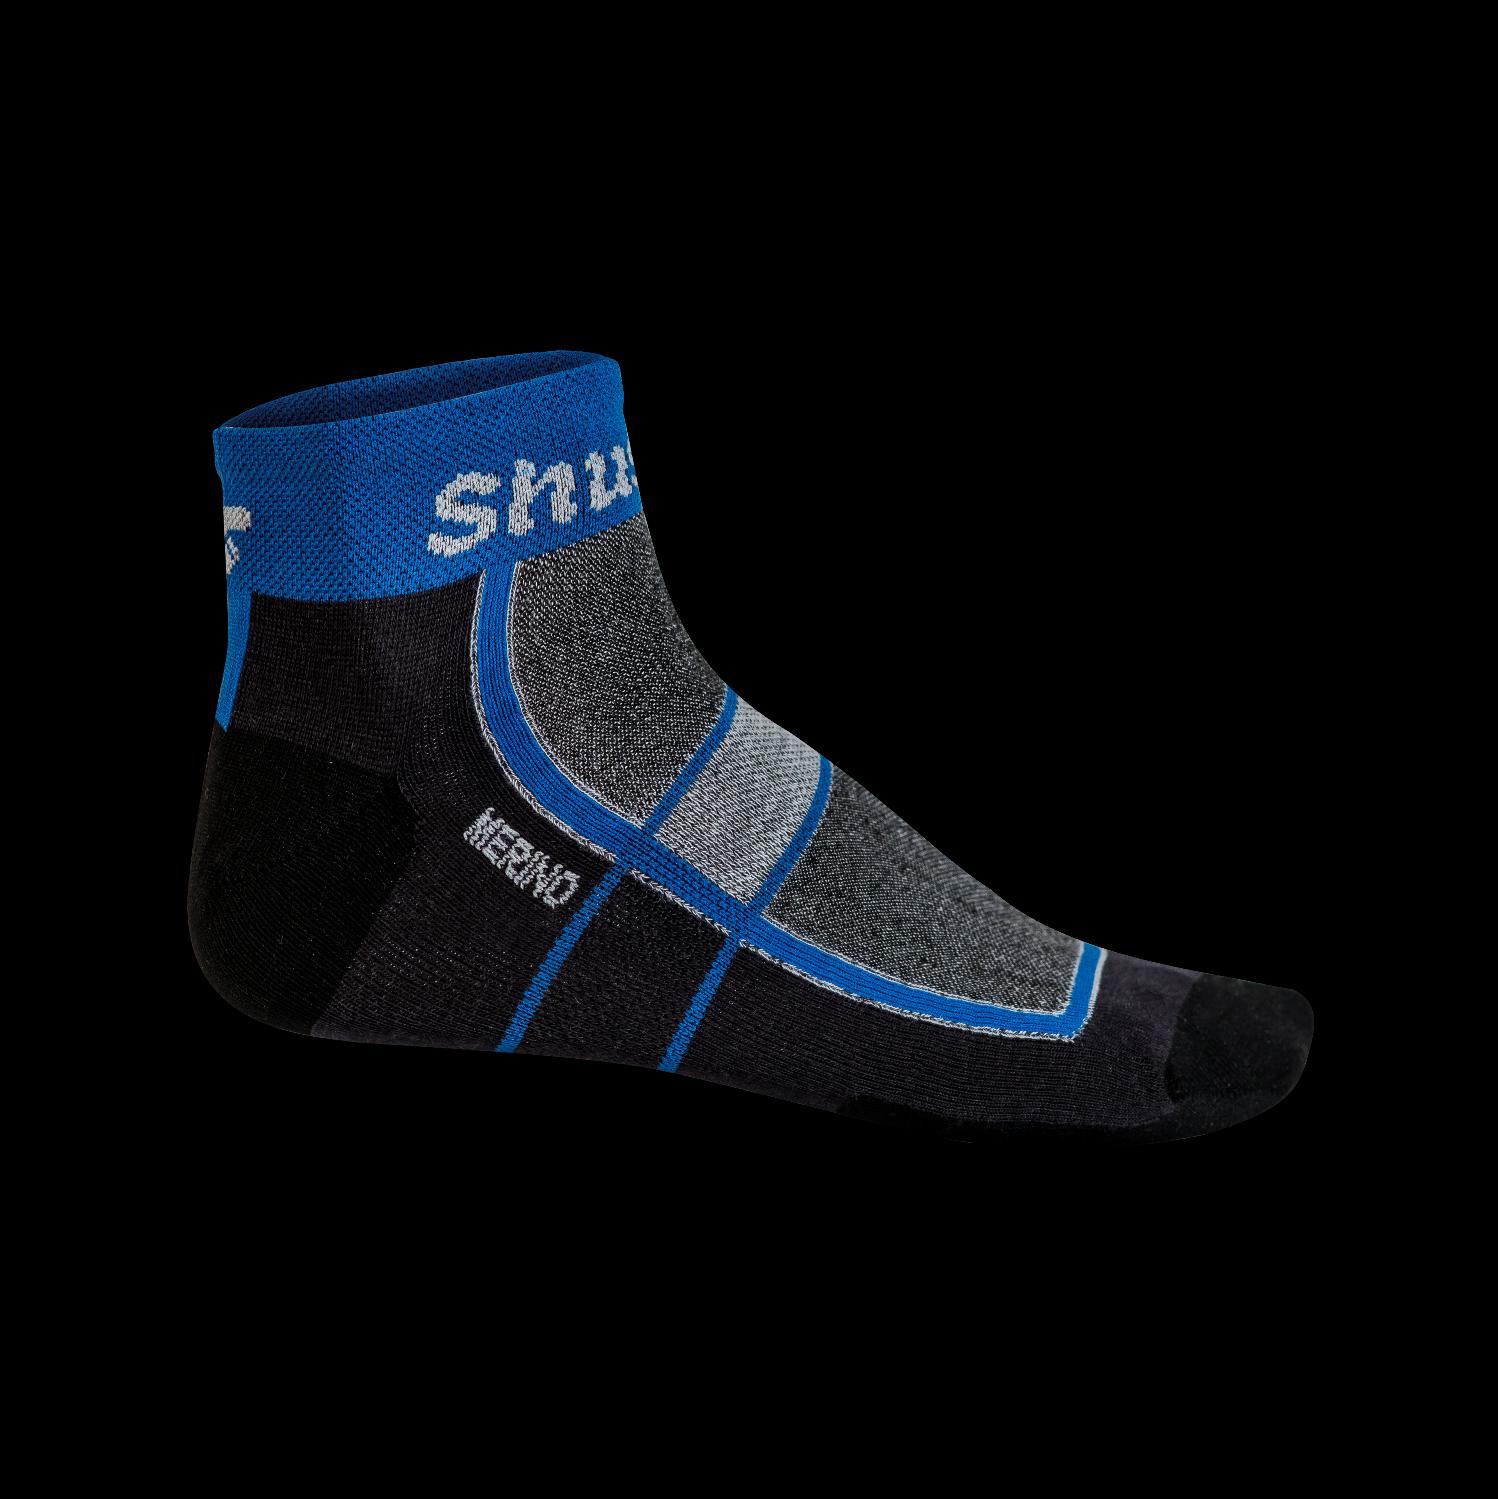 2 Paar Shushon® Escape II Aktiv Merinowolle Socken Größe 36-38